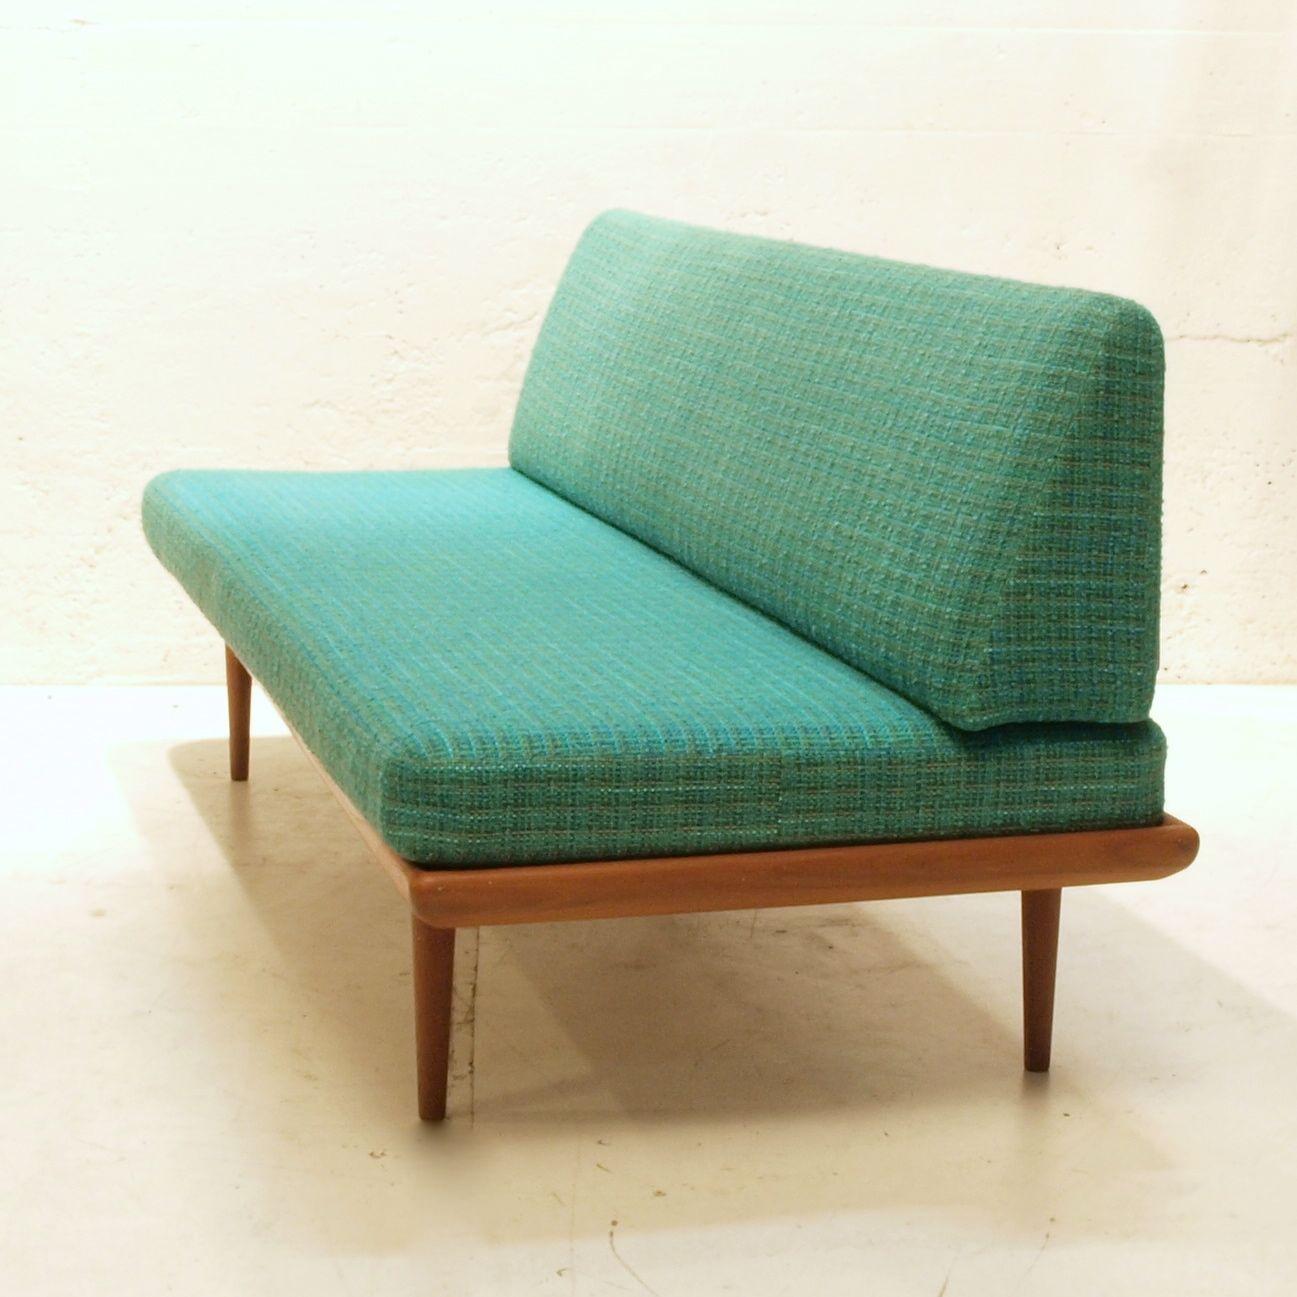 Ecksofa designklassiker  Daybed, Sofa von Peter Hvidt | Möbel Zürich | Vintagemöbel